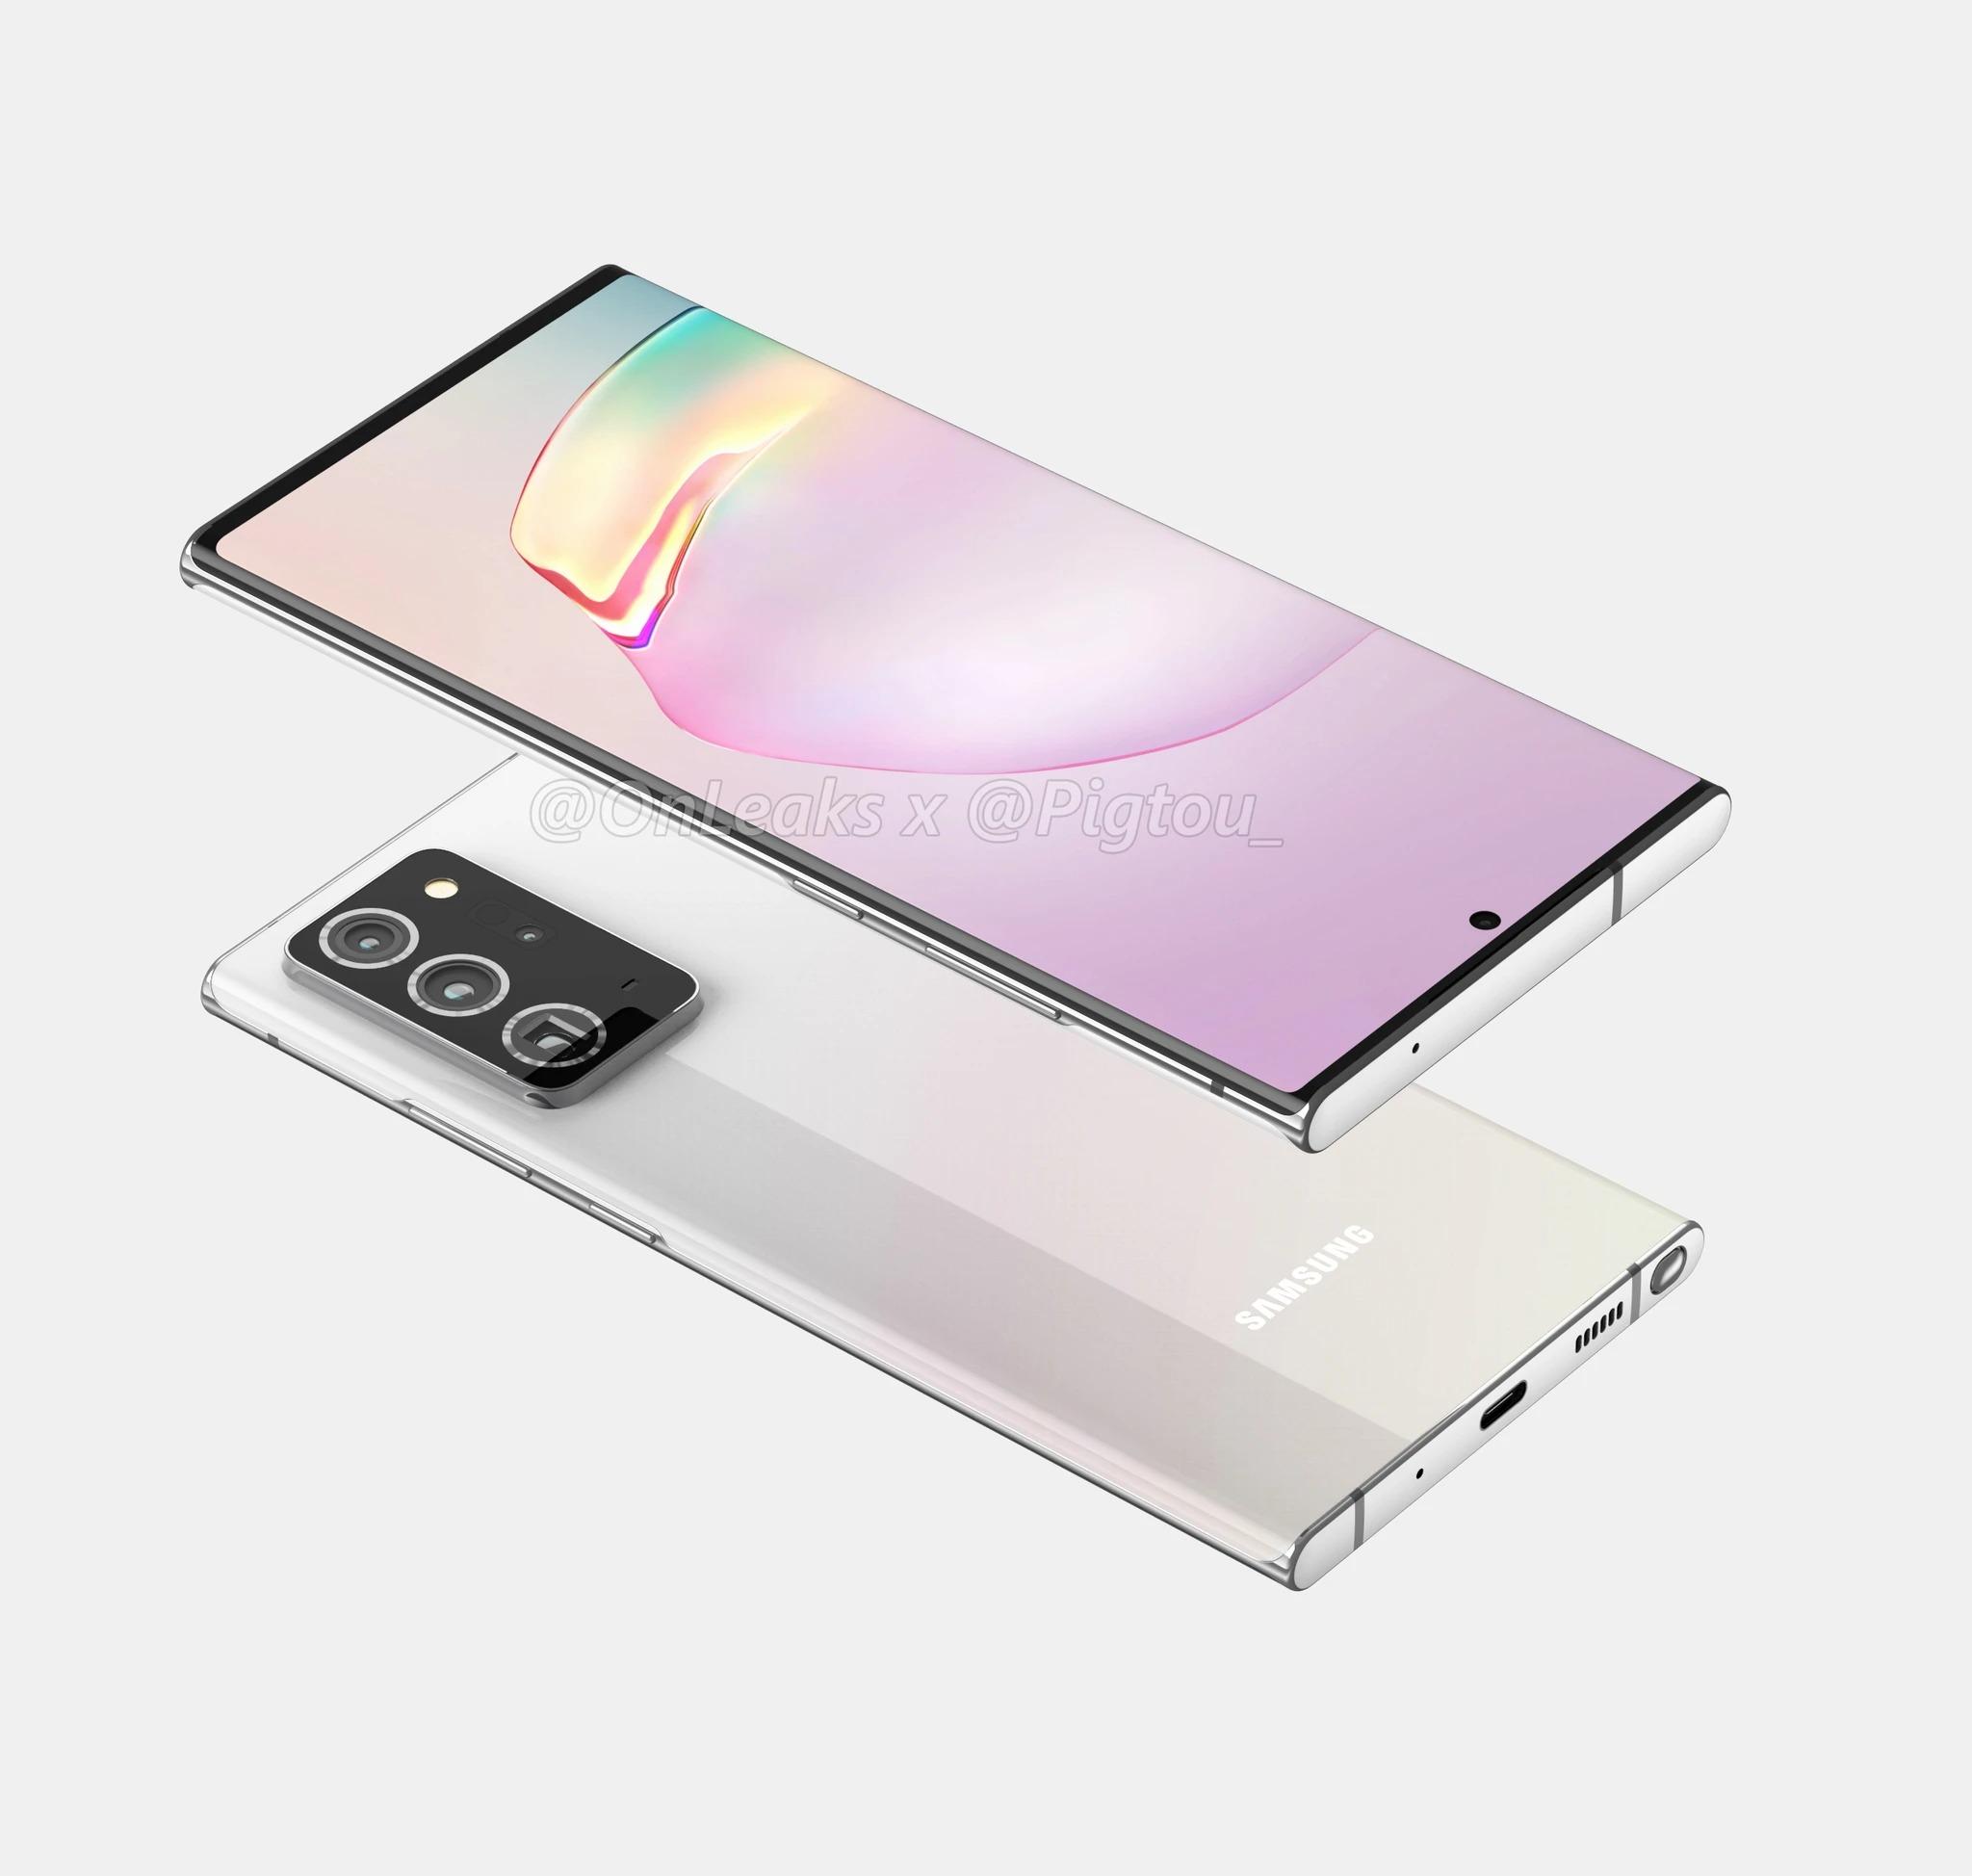 Le Samsung Galaxy Note20 n'aurait droit qu'à écran plat, limité au Full HD à 60Hz